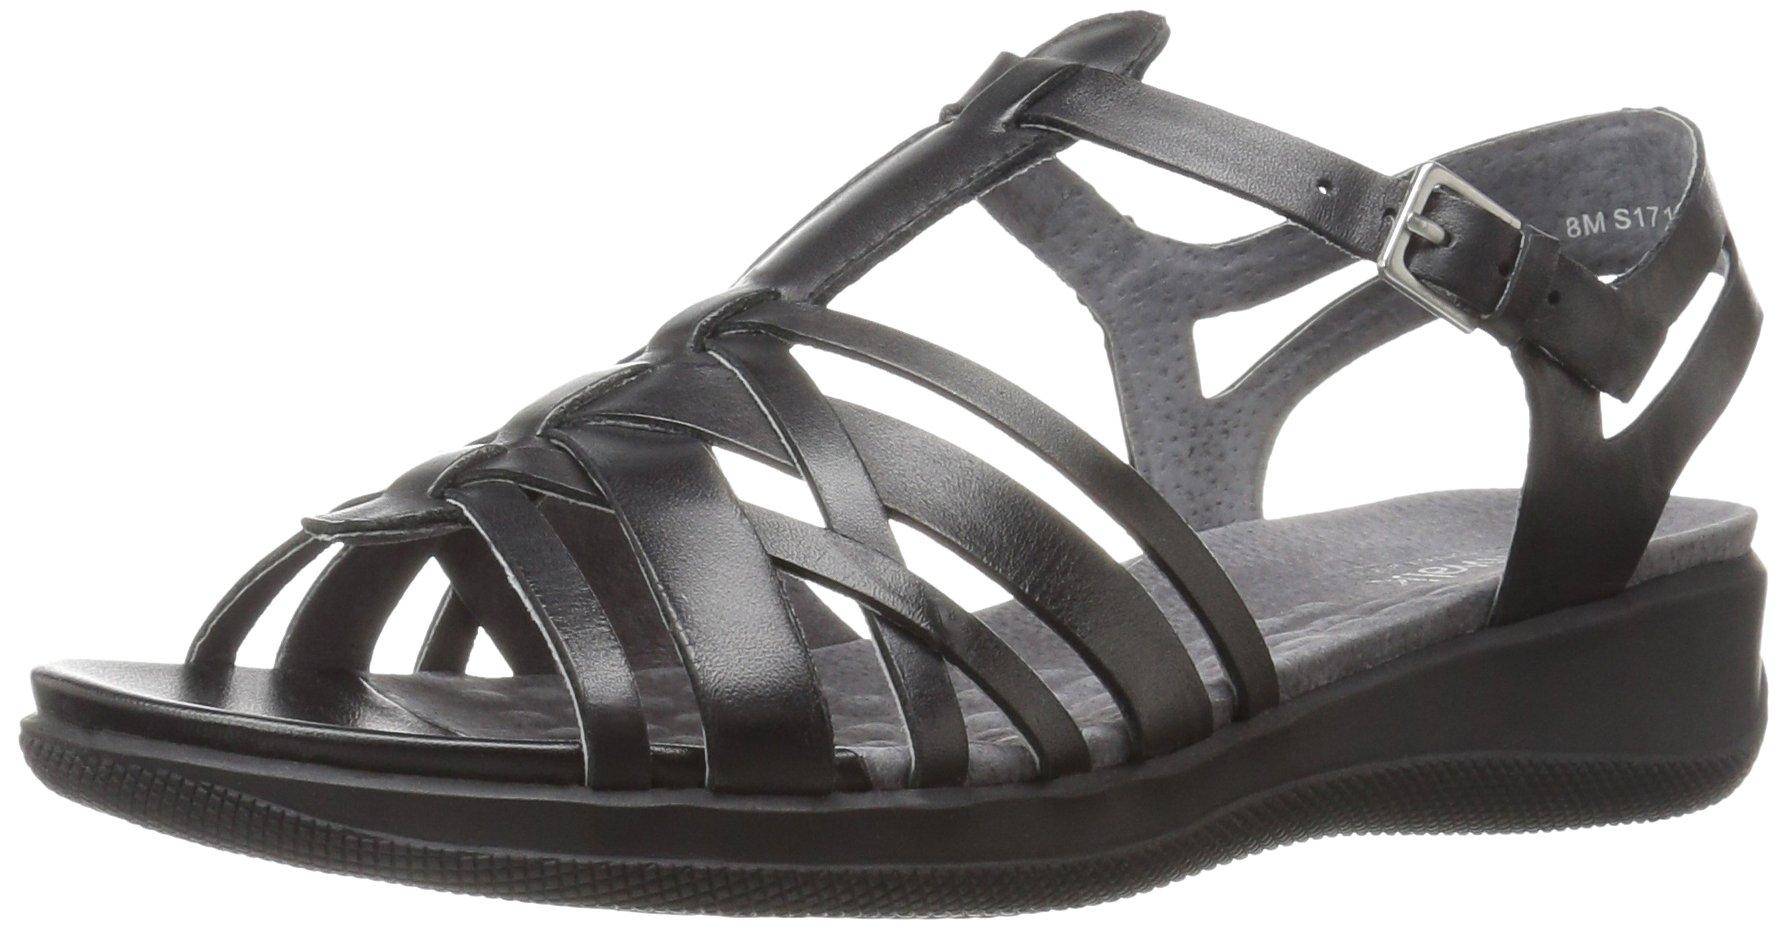 SoftWalk Women's TAFT Wedge Sandal, Black, 11 N US